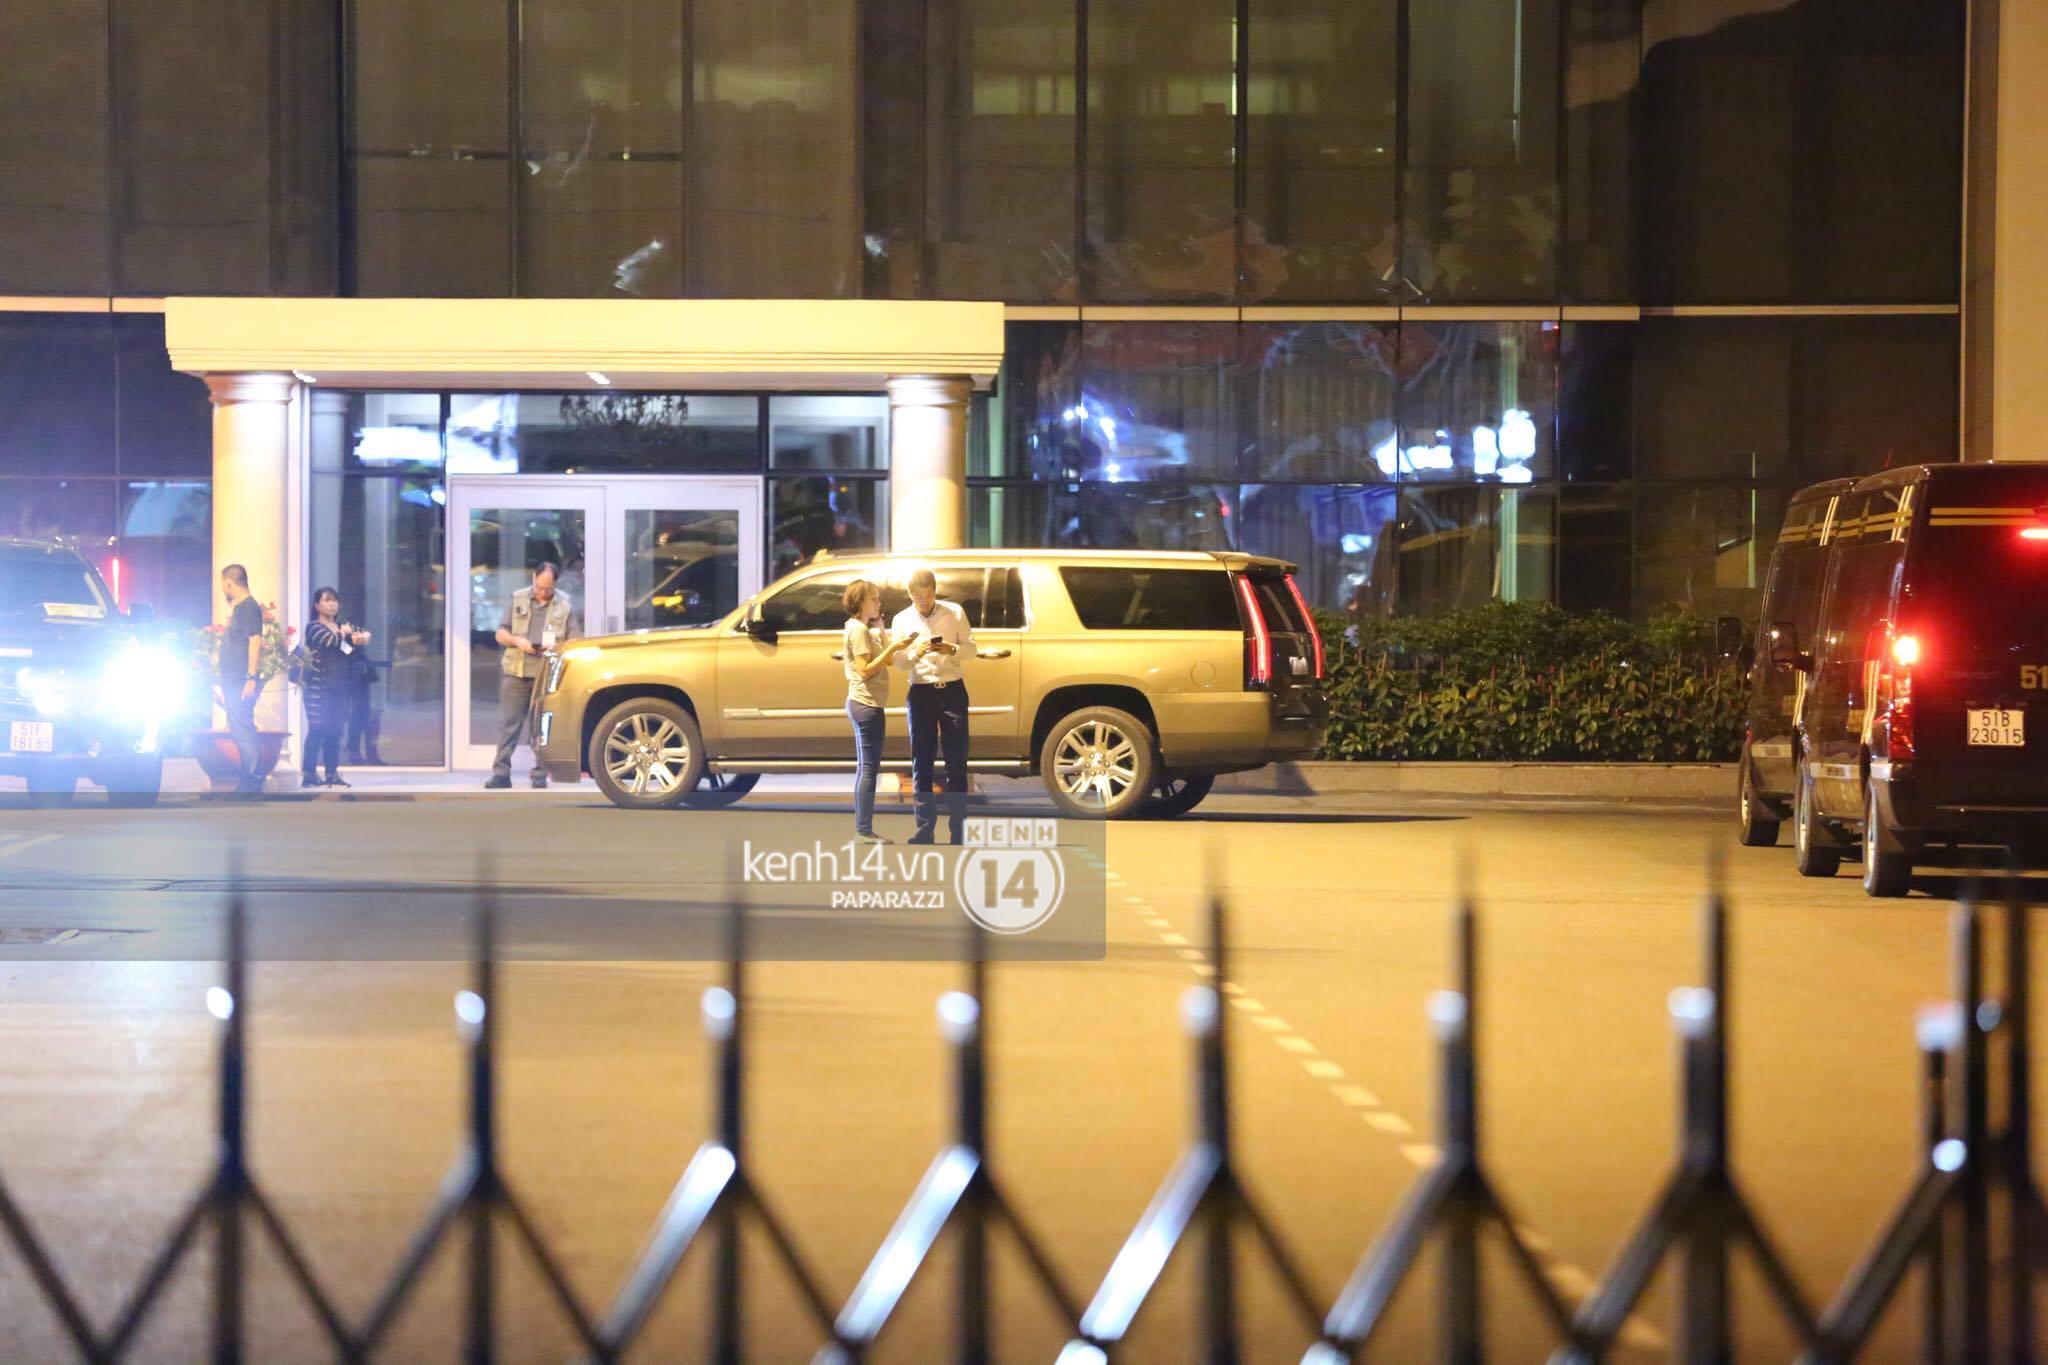 Độc quyền: Đến Việt Nam lúc 2h sáng, Ariana Grande vẫn lọt tầm ngắm paparazzi! - Ảnh 9.